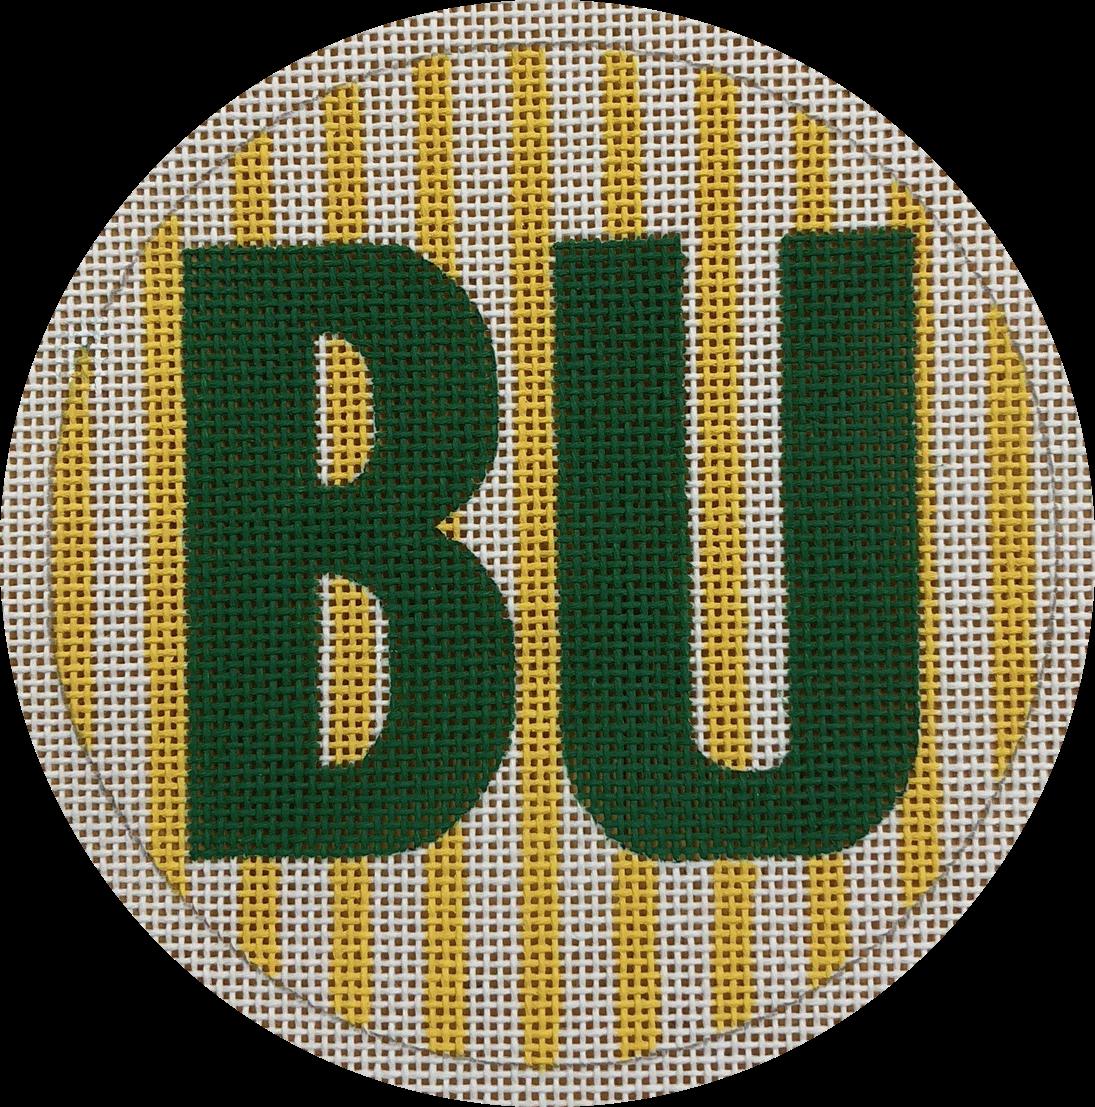 BU round